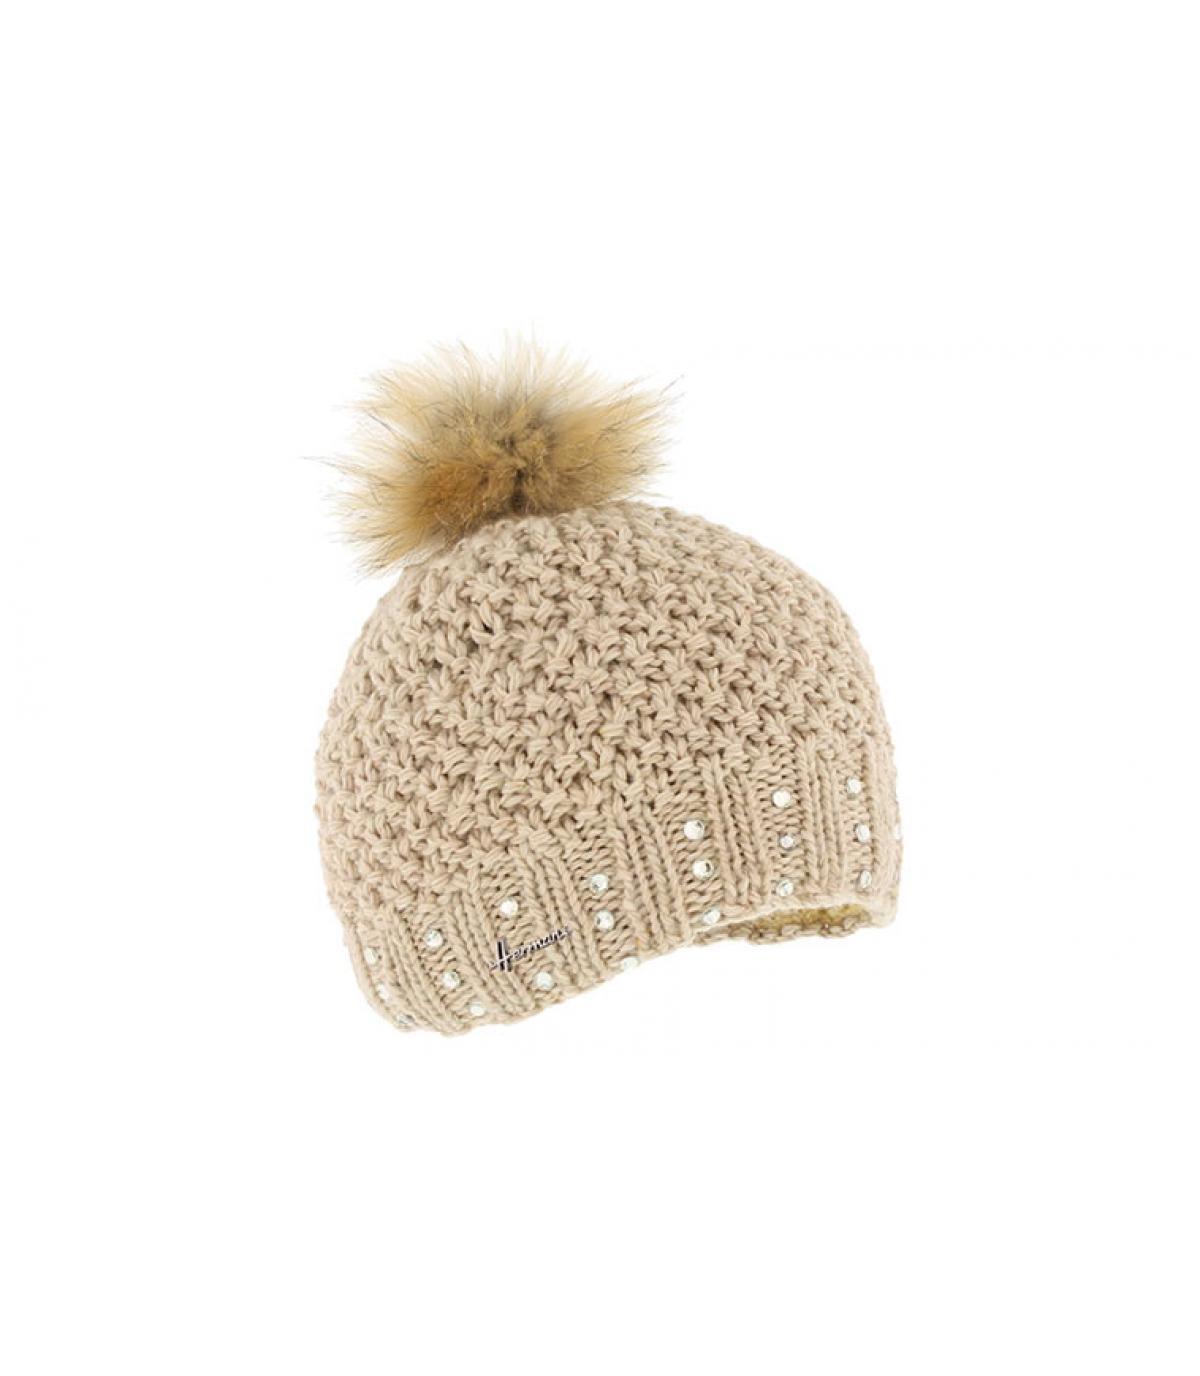 5d8b6768a3a Bonnet pompon fourrure - Bonnets avec pompon en fourrure - Headict